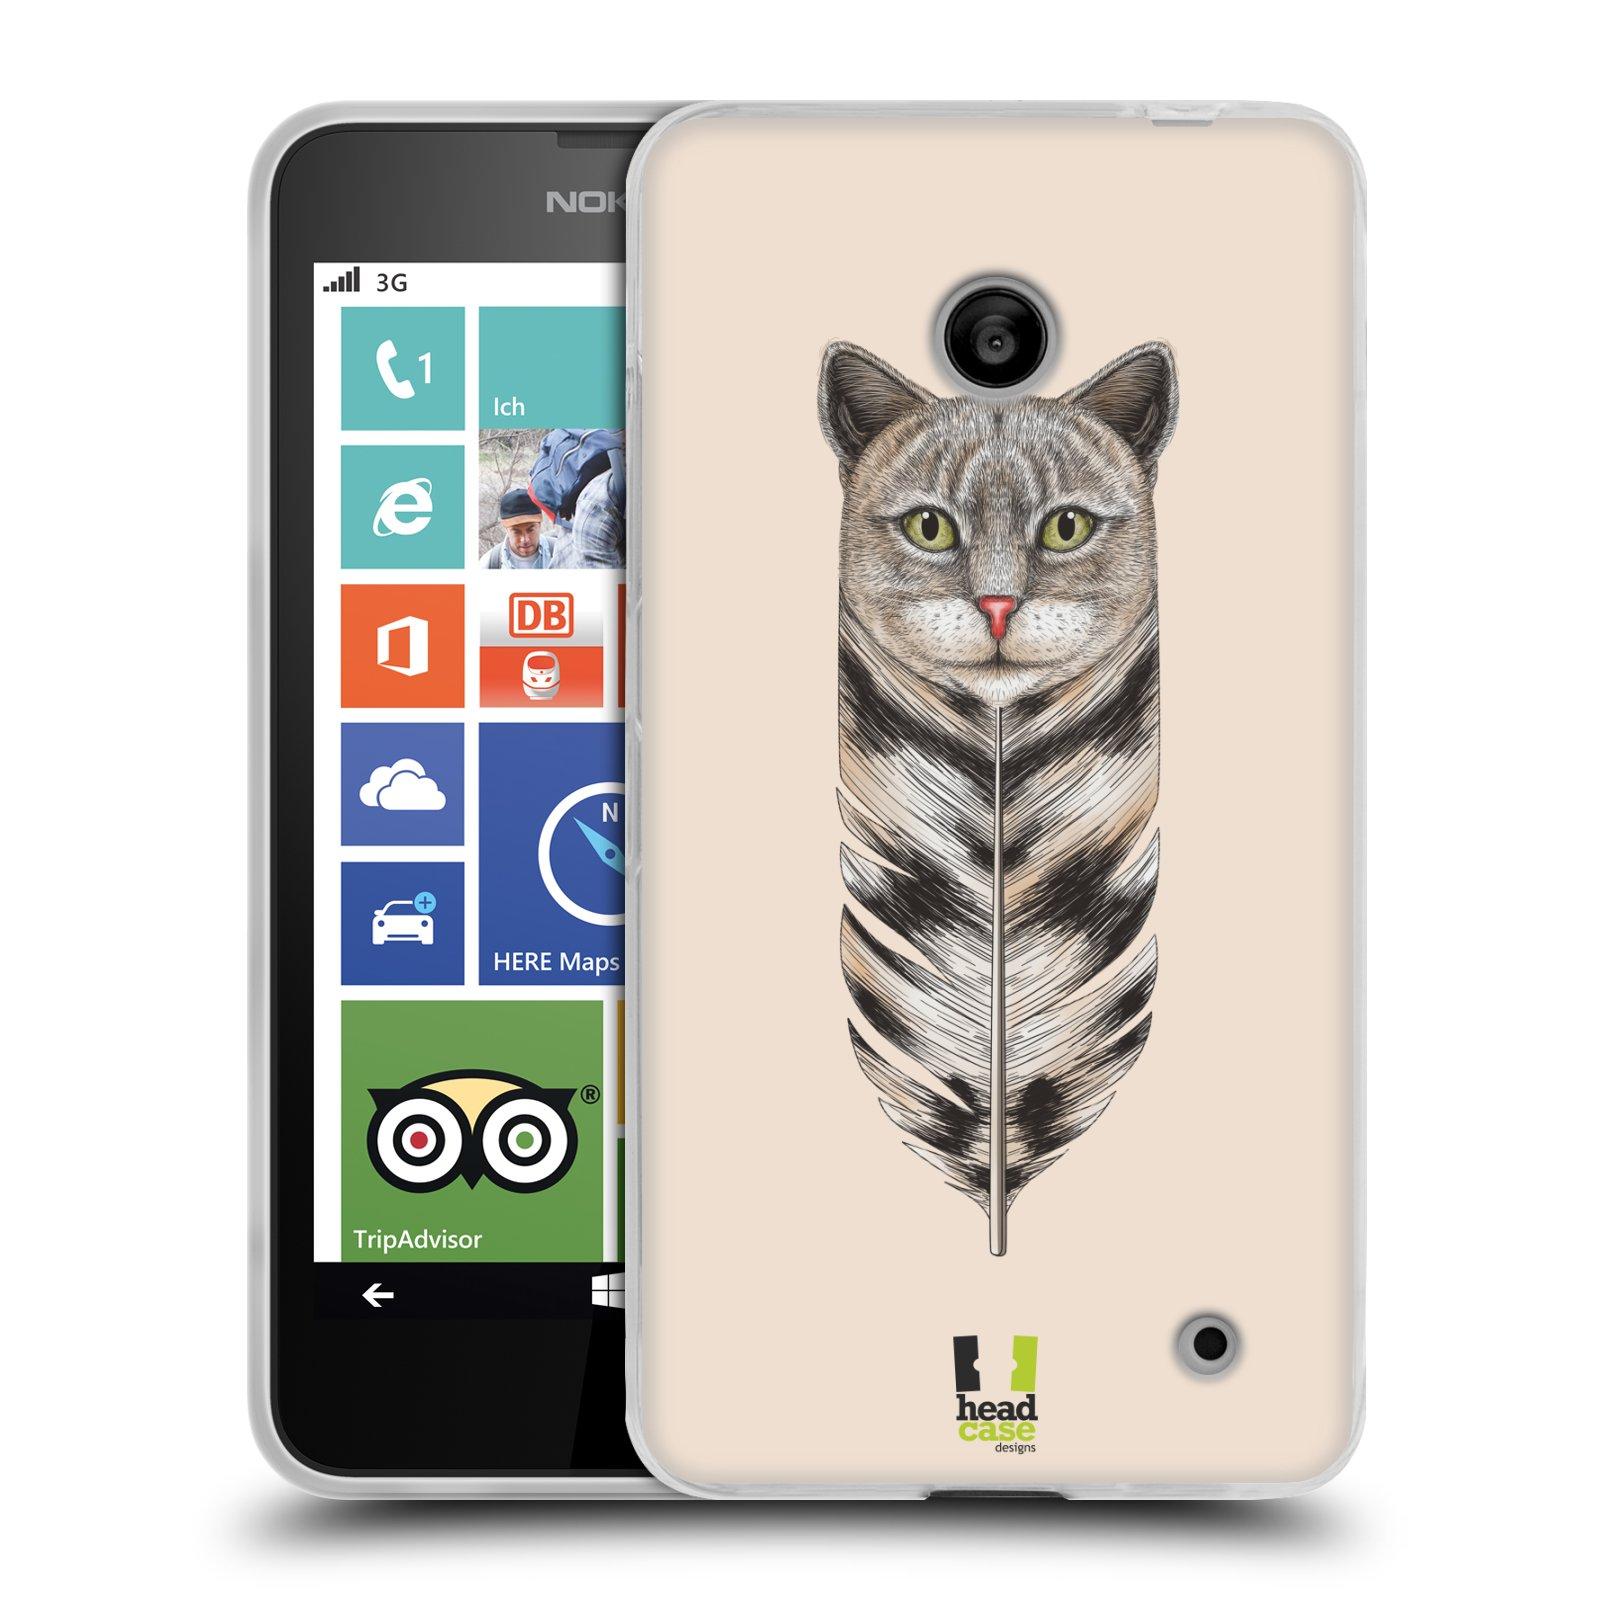 Silikonové pouzdro na mobil Nokia Lumia 630 HEAD CASE PÍRKO KOČKA (Silikonový kryt či obal na mobilní telefon Nokia Lumia 630 a Nokia Lumia 630 Dual SIM)